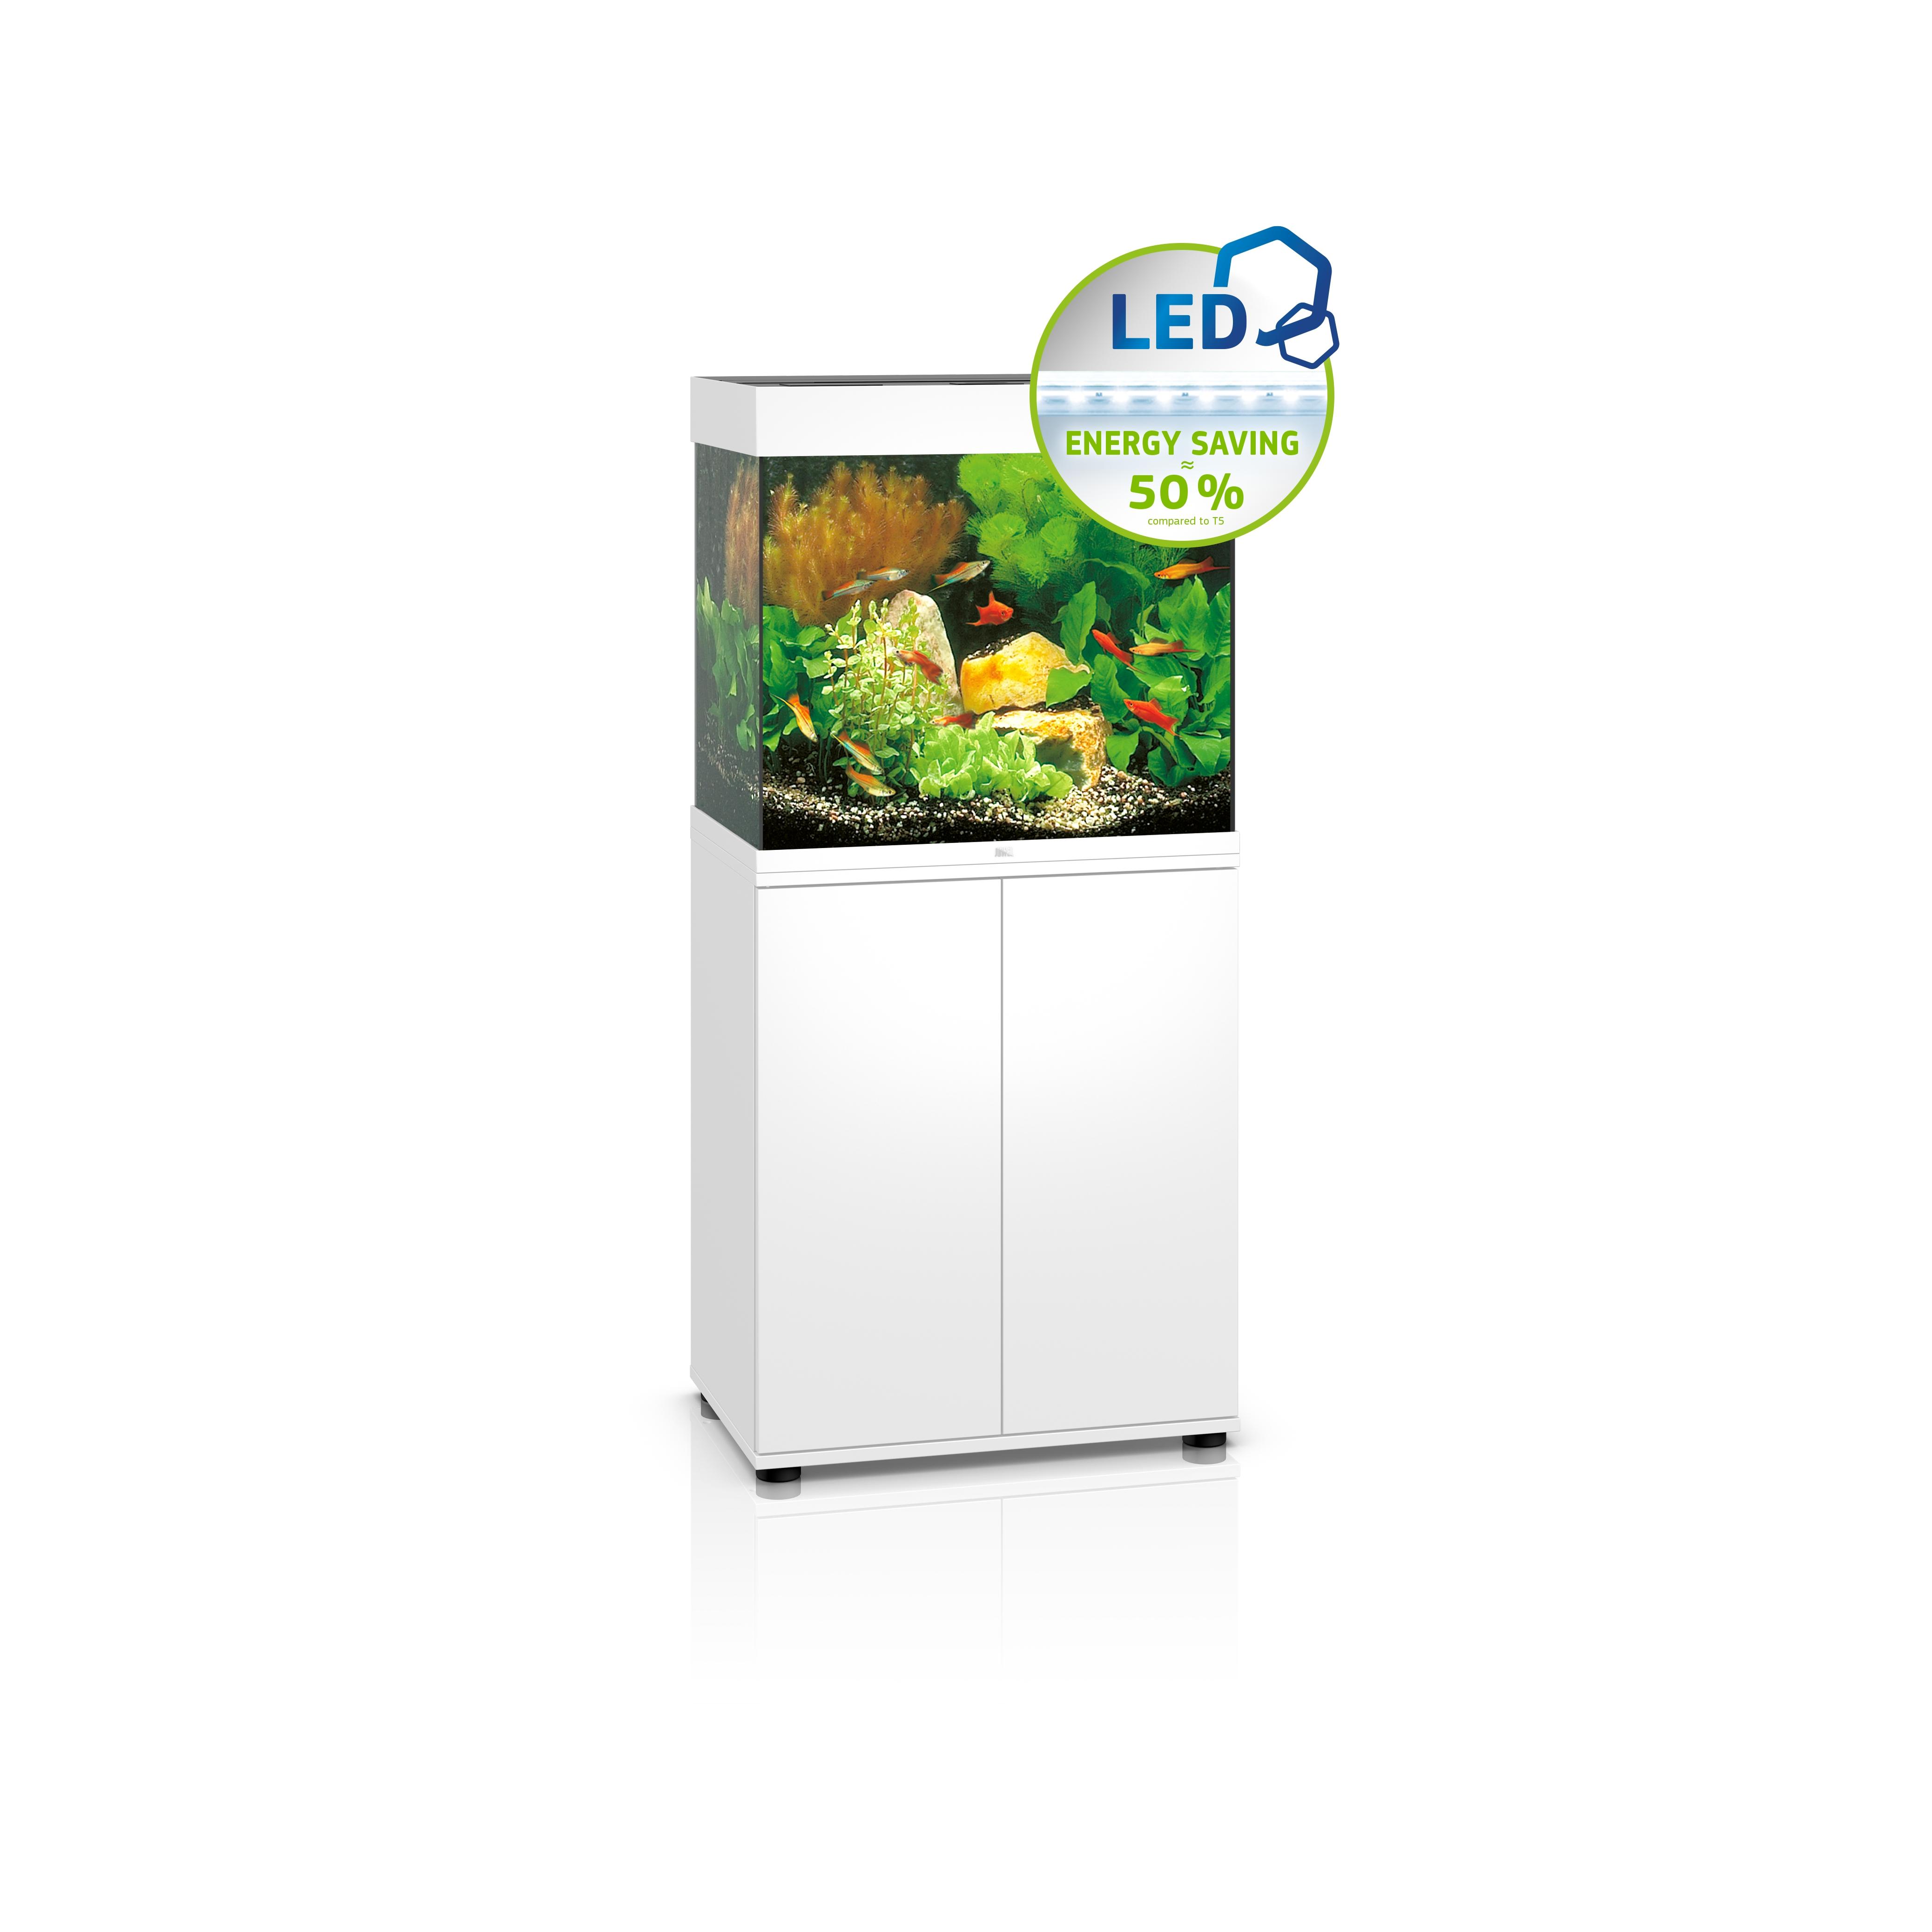 Aquarium Juwel Lido 120 LED Image